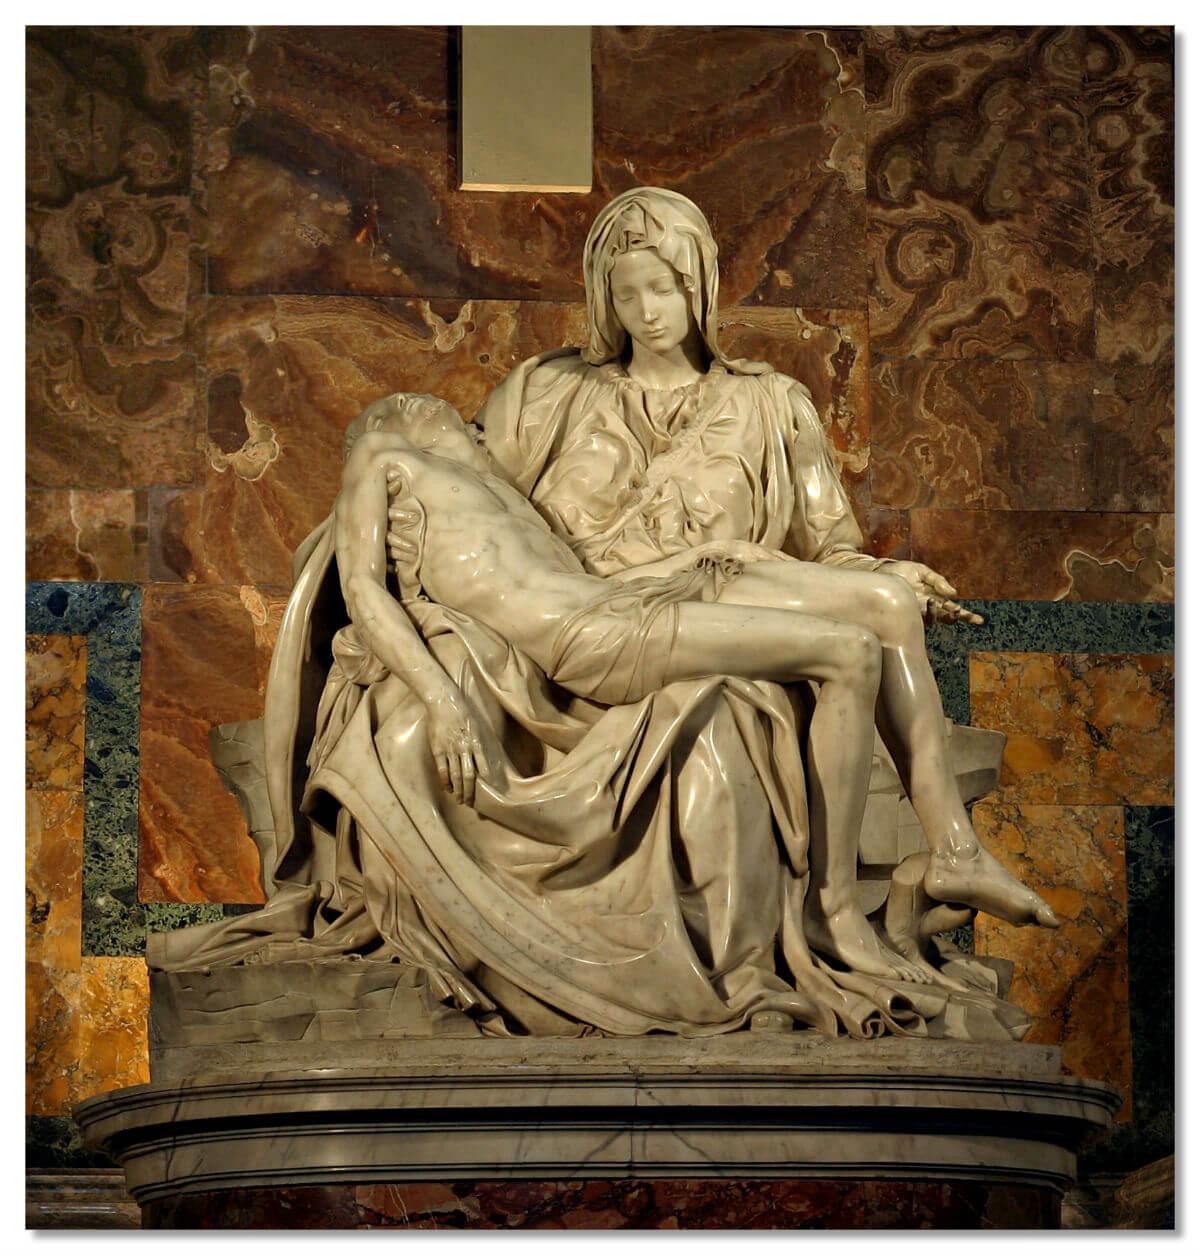 Пьета — скульптура Девы Марии из Мрамора в Ватикане